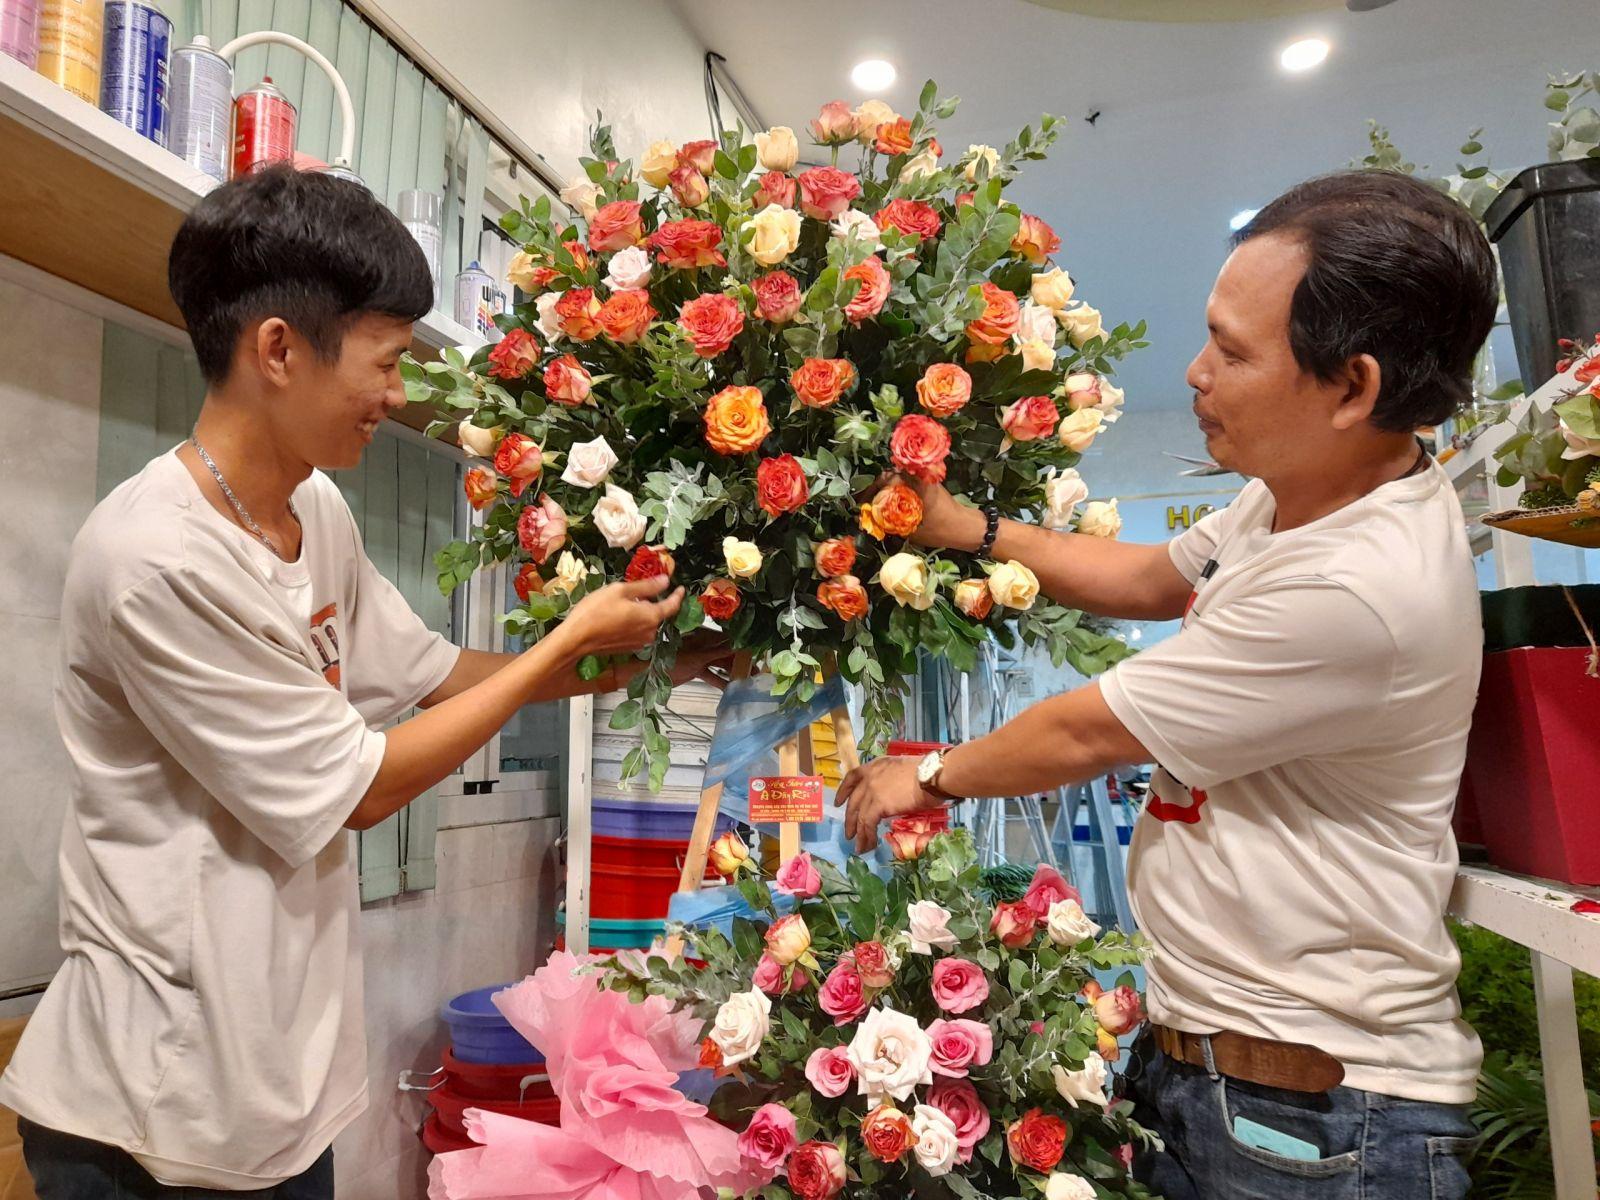 Với nghề cắm hoa, không quan trọng là nam hay nữ, chỉ cần có một chút năng khiếu và nhiều lòng đam mê, sự kiên trì, nỗ lực học hỏi không ngừng